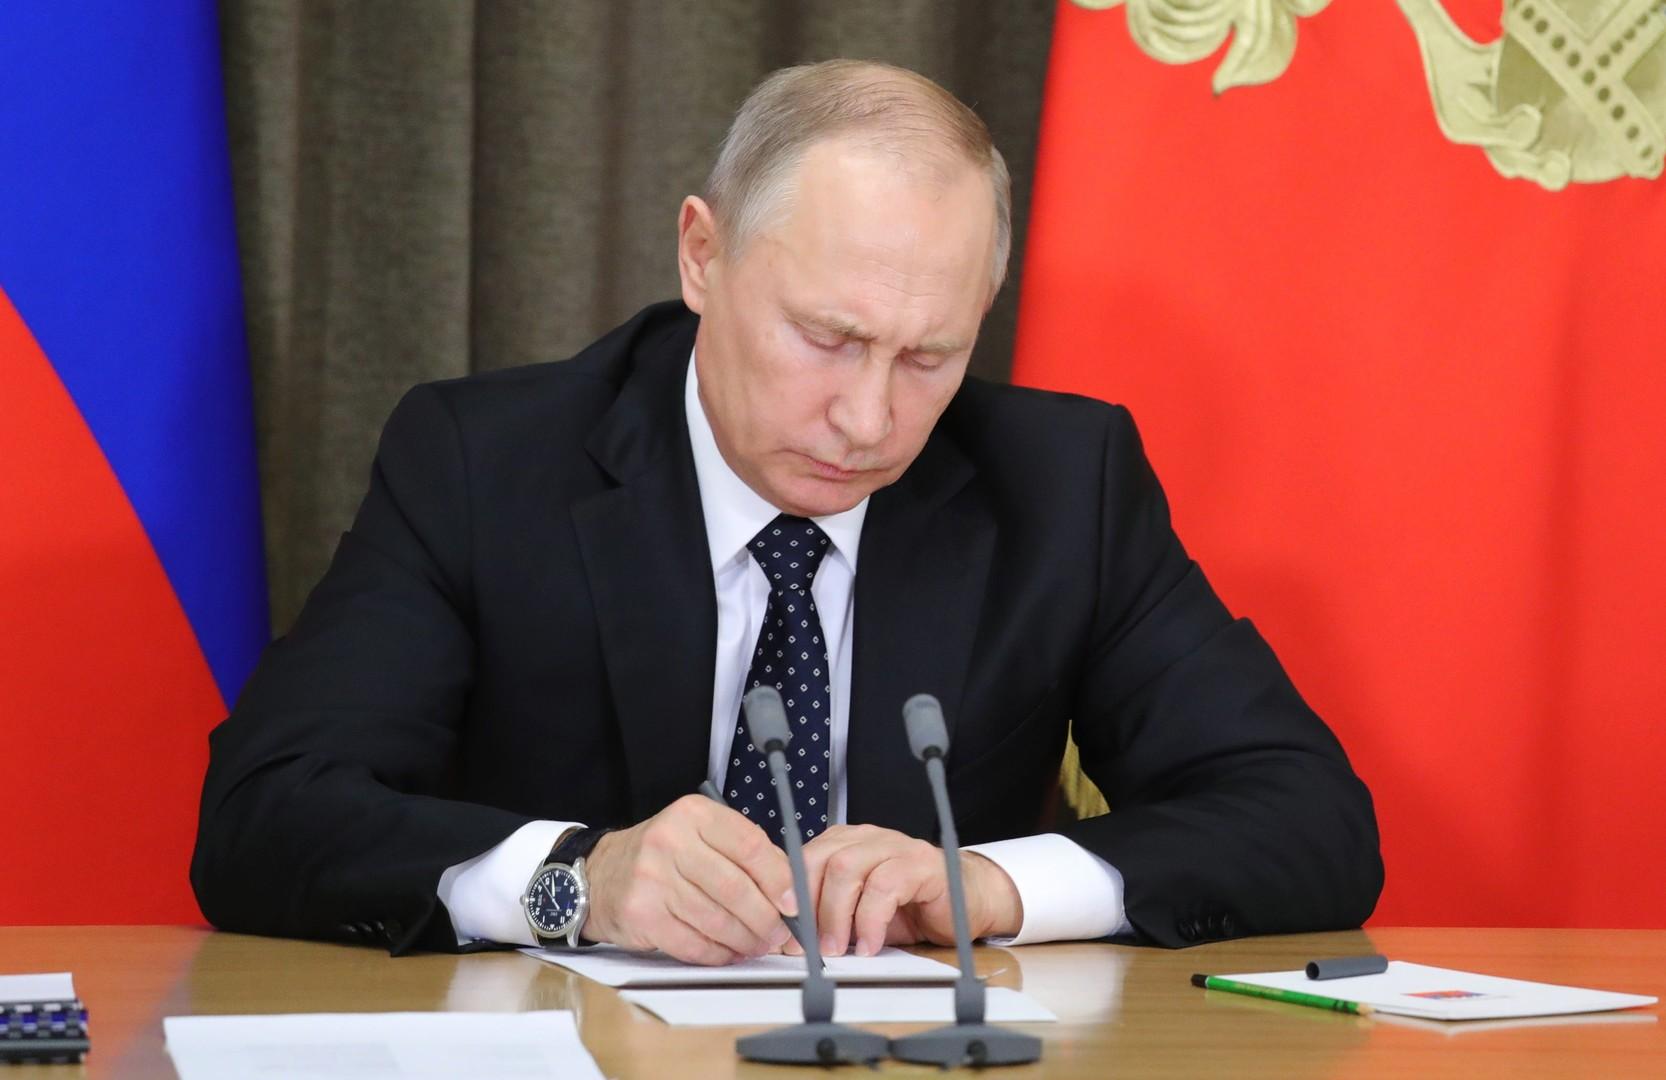 بوتين يوقع مرسوما لتعليق العمل بمعاهدة الصواريخ متوسطة وقصيرة المدى